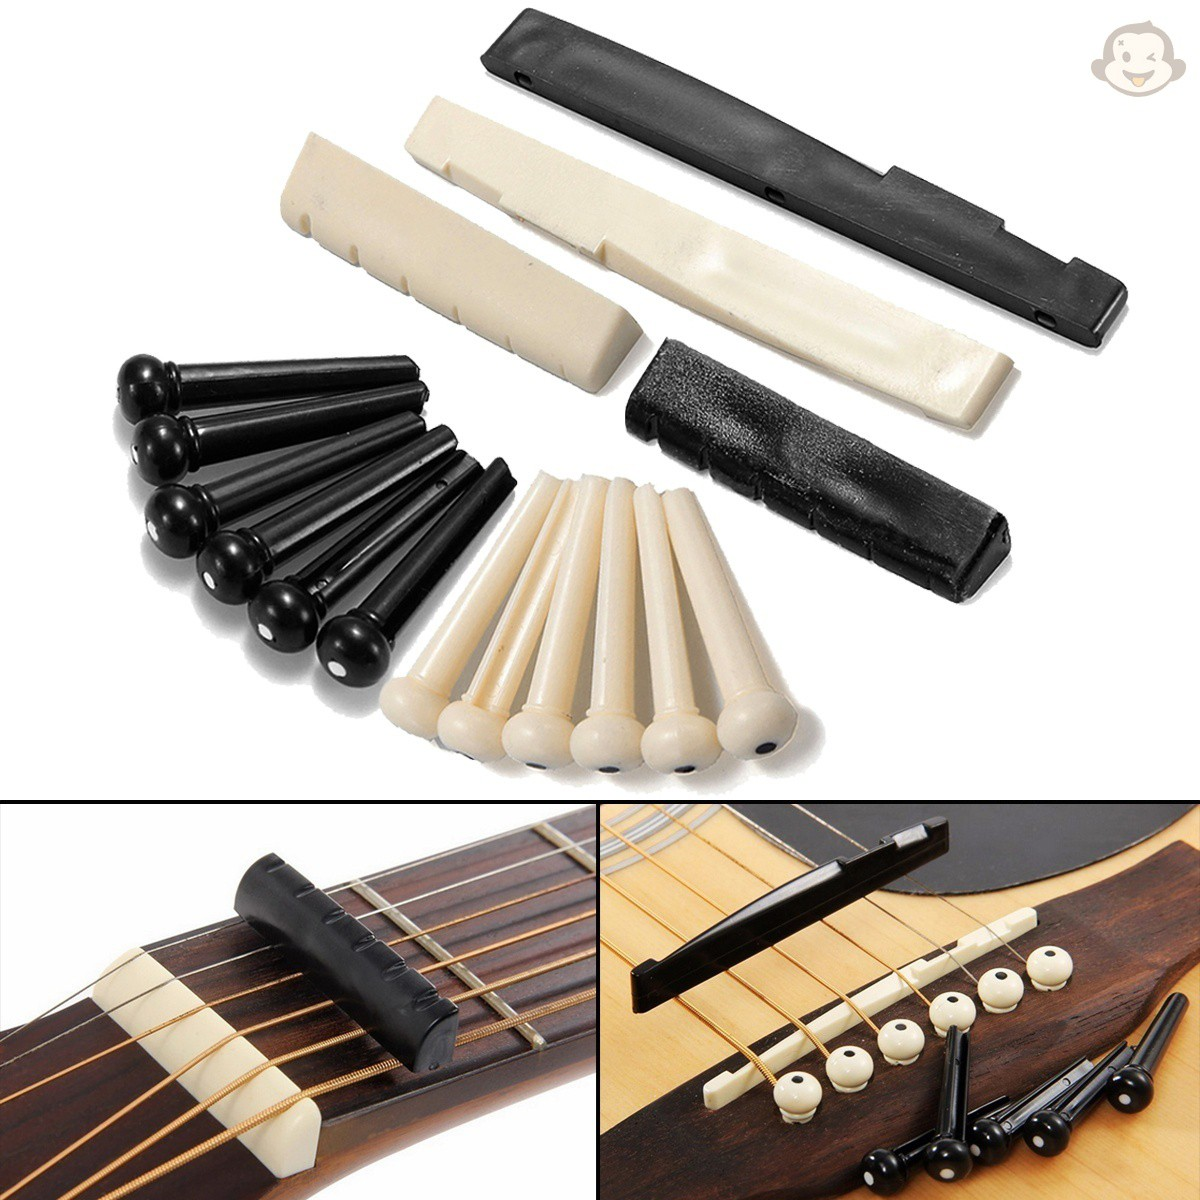 吉他配件 1 套 -6 個吉他骨橋銷 + 1 個用於民謠吉他的鞍形螺母